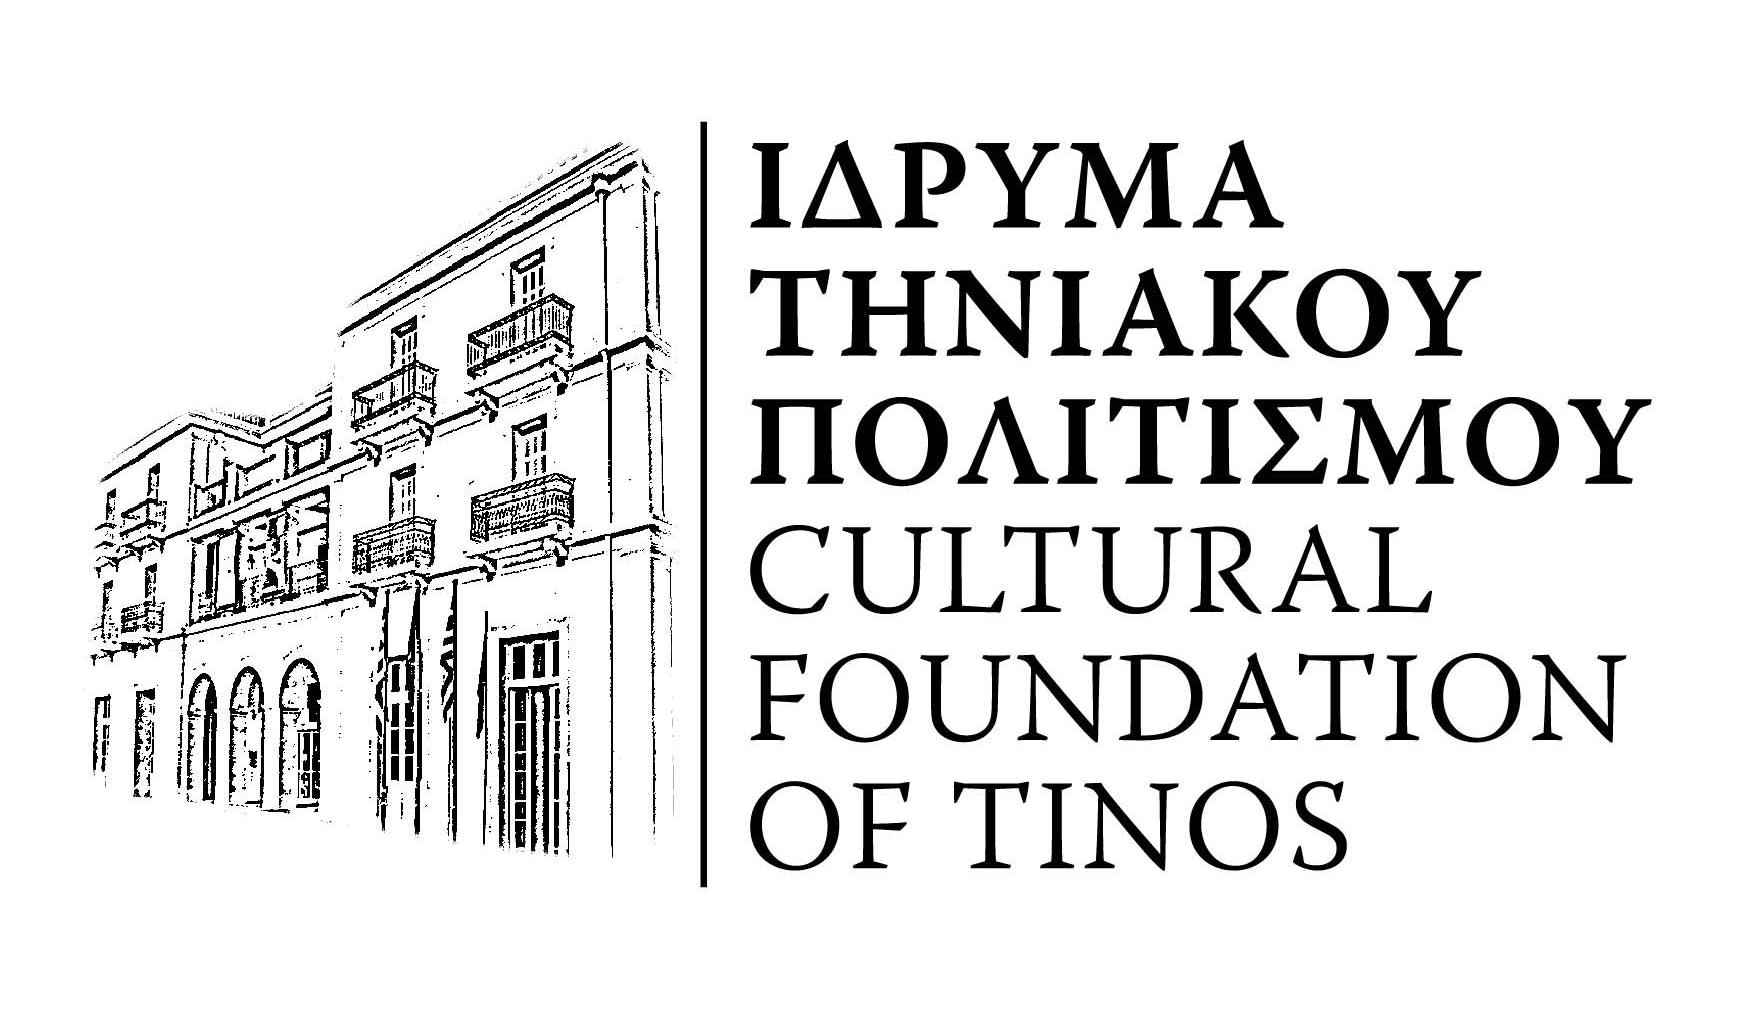 Ίδρυμα Τηνιακού Πολιτισμού